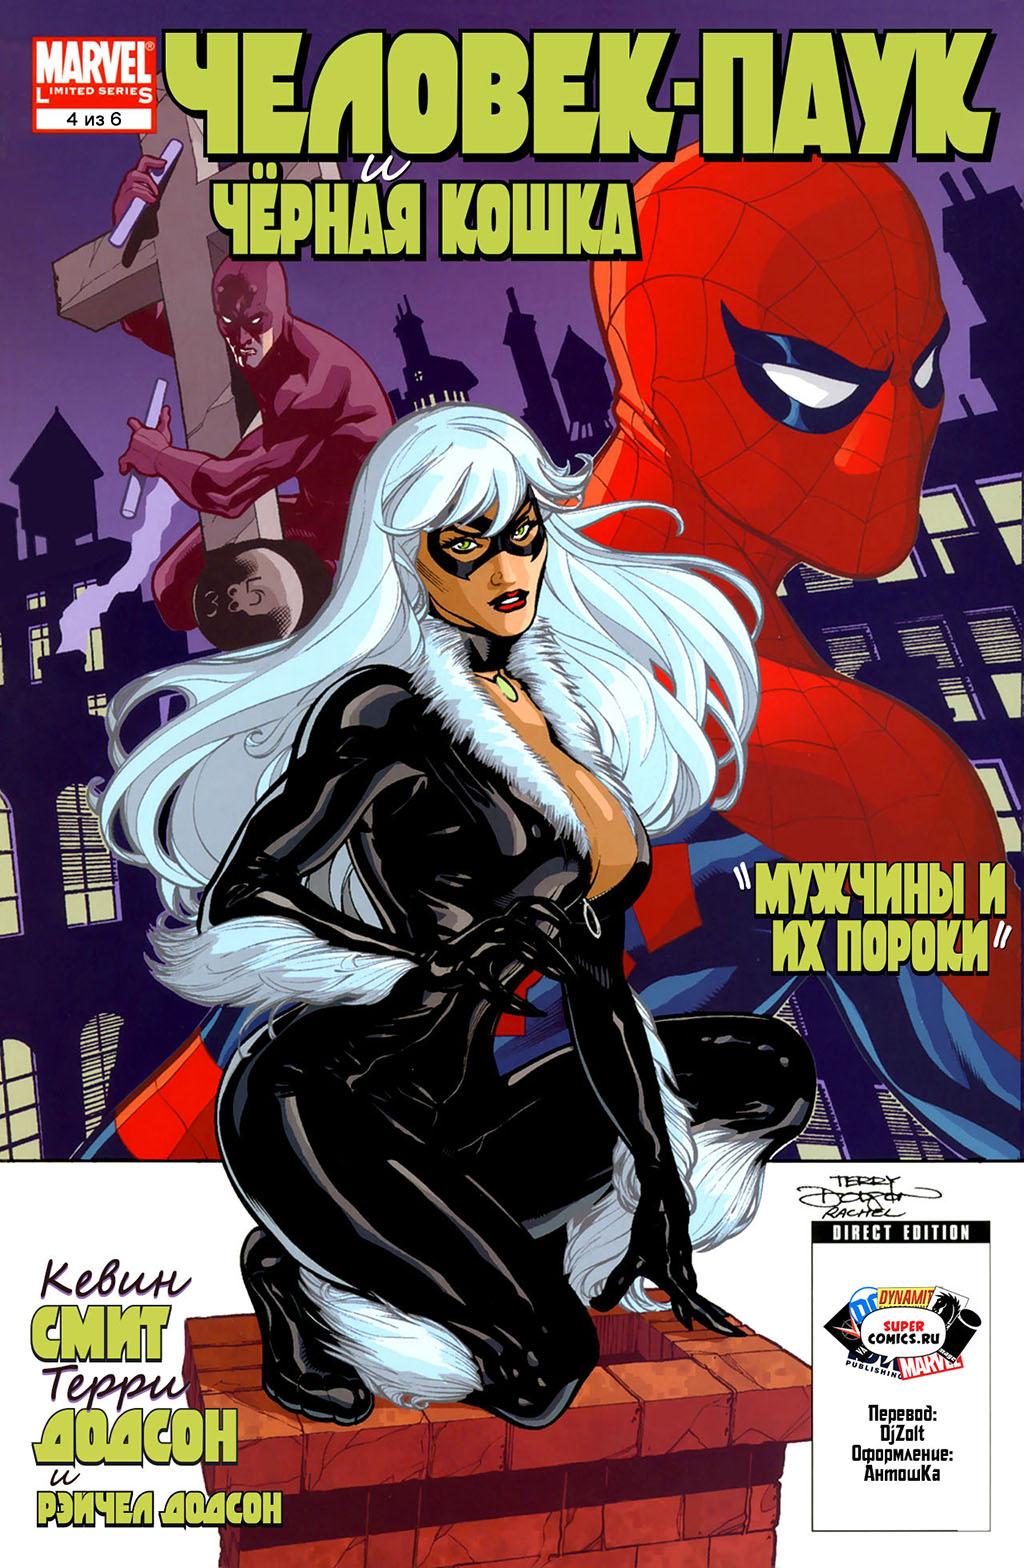 Комикс Человек-паук: Черная Кошка: Мужчины и их пороки